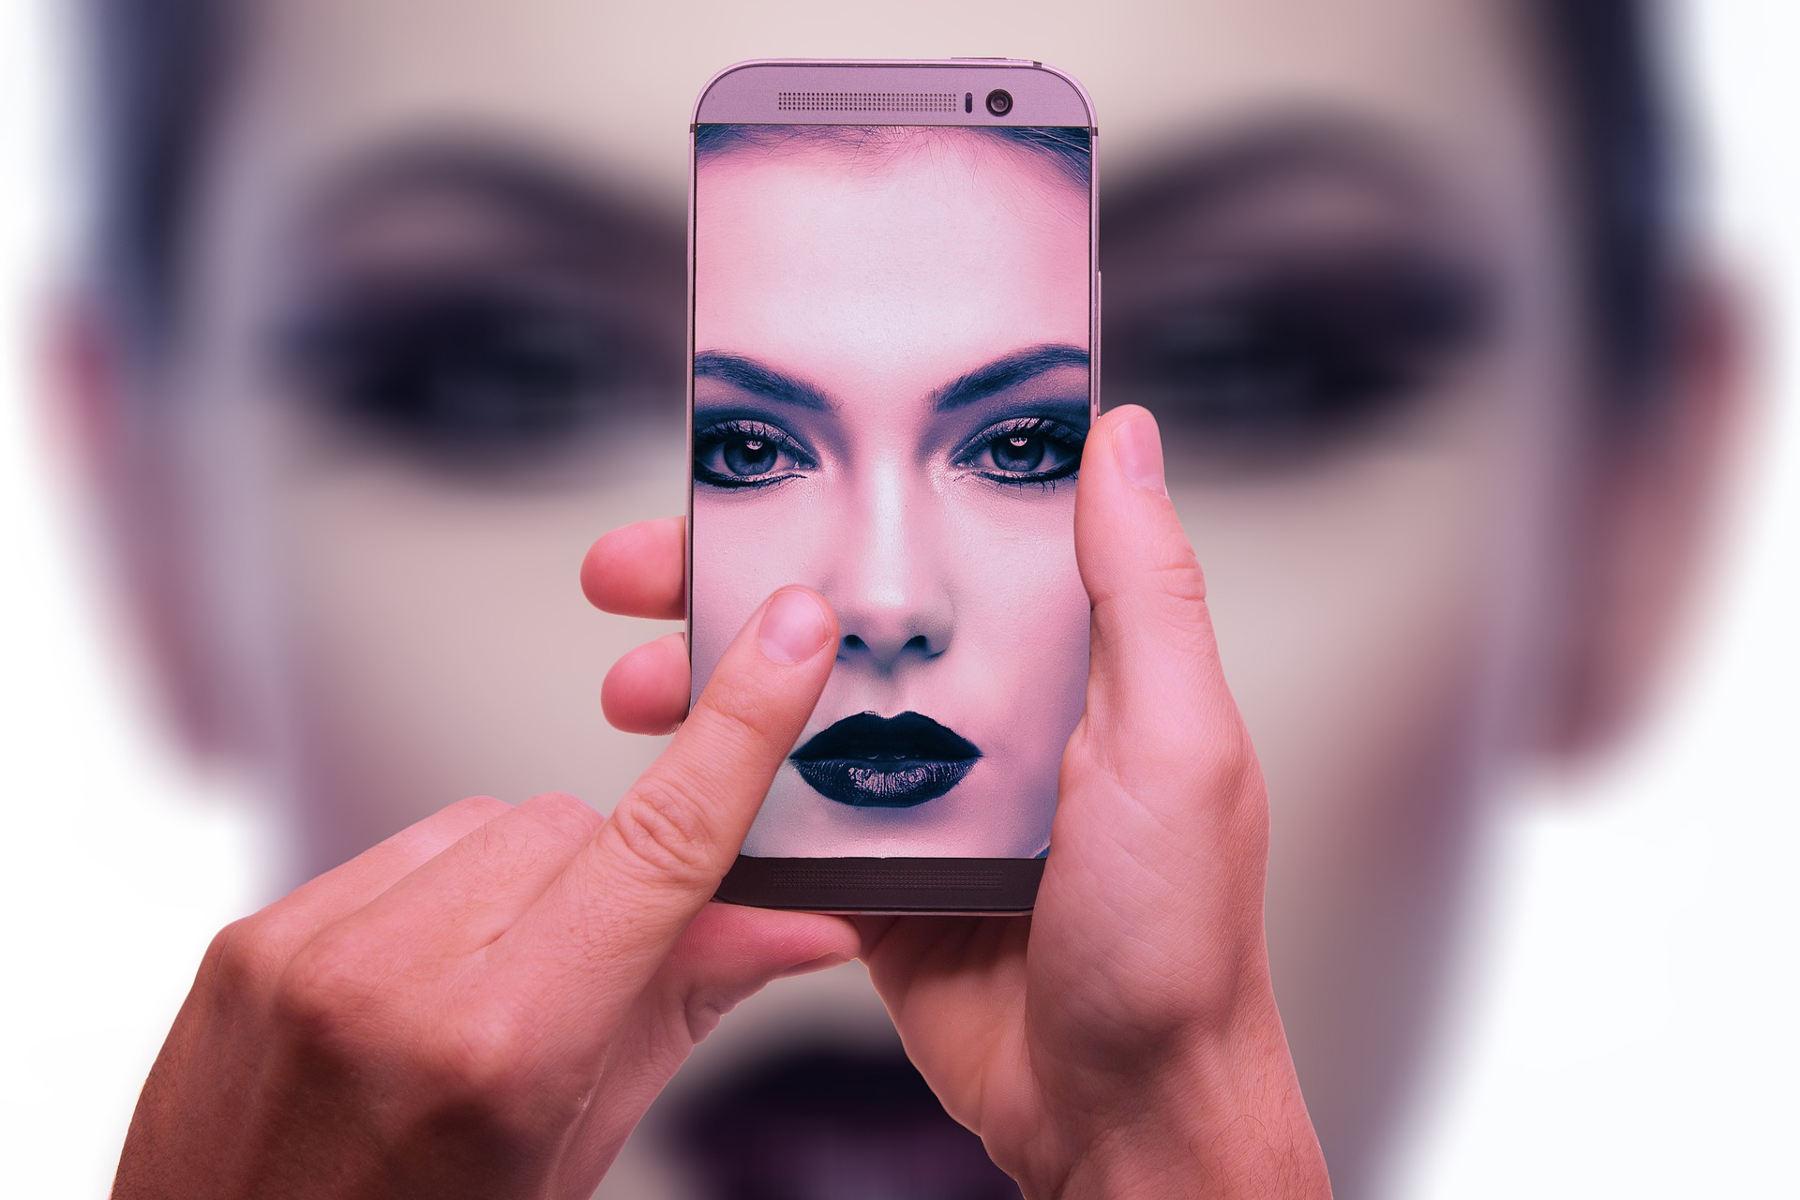 Corso online di Ritratto fotografico con lo smartphone